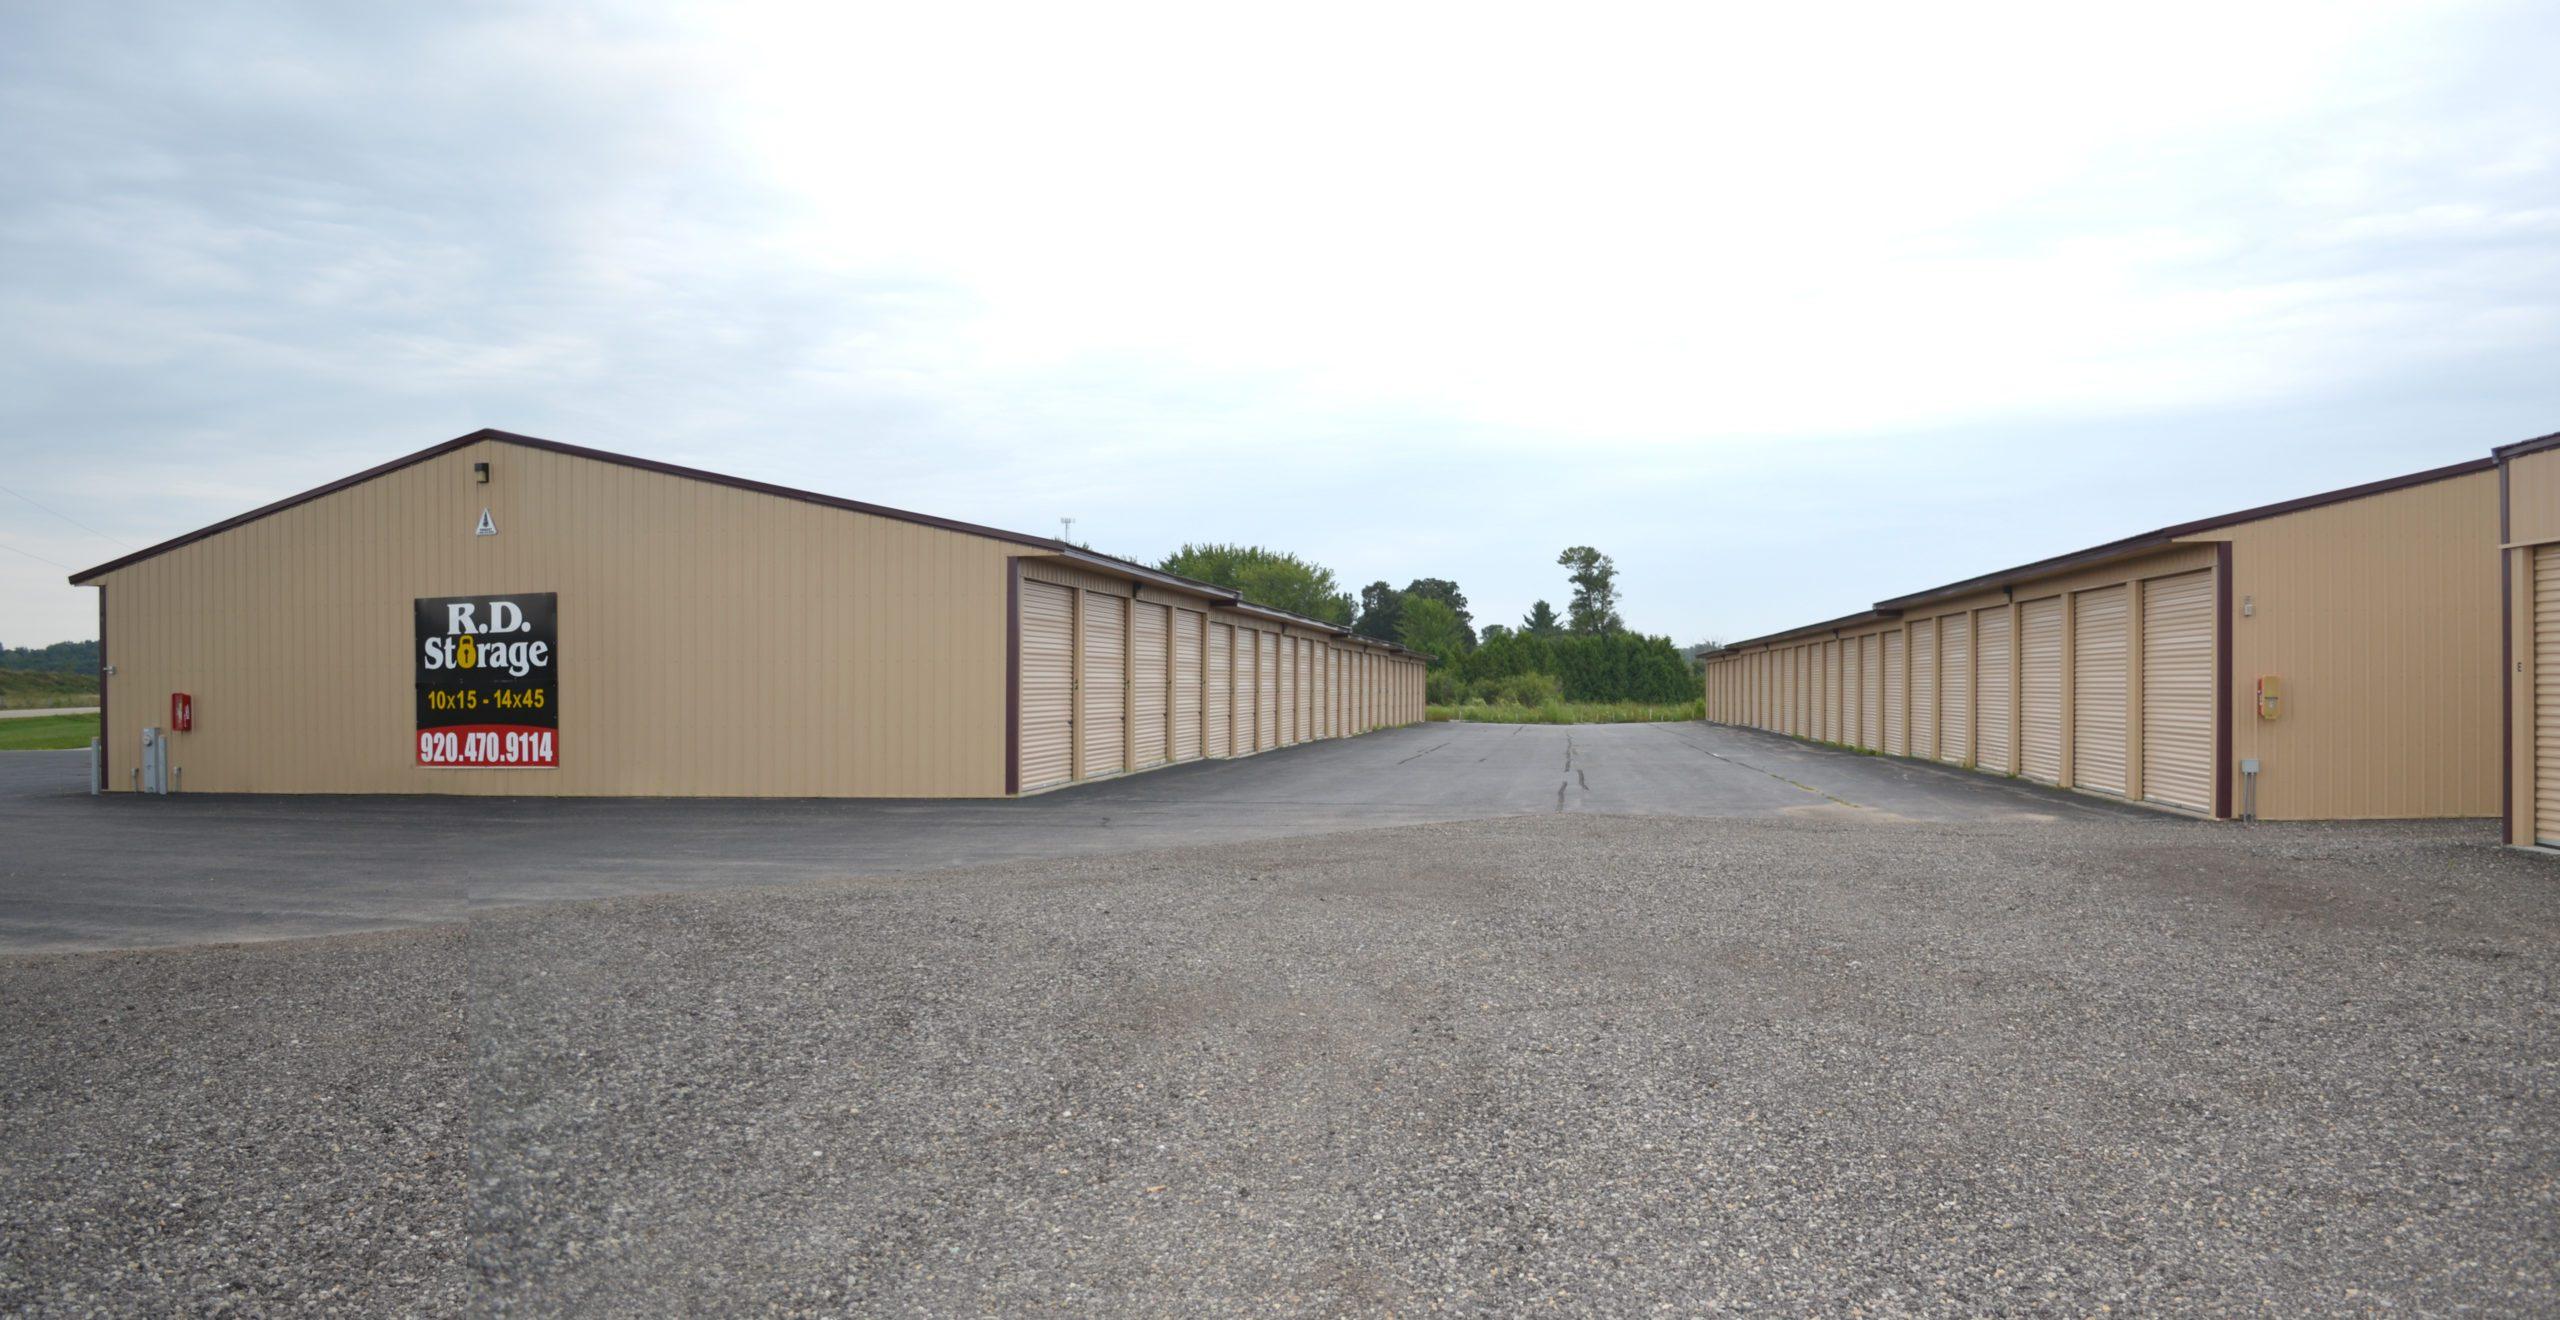 R & D Storage